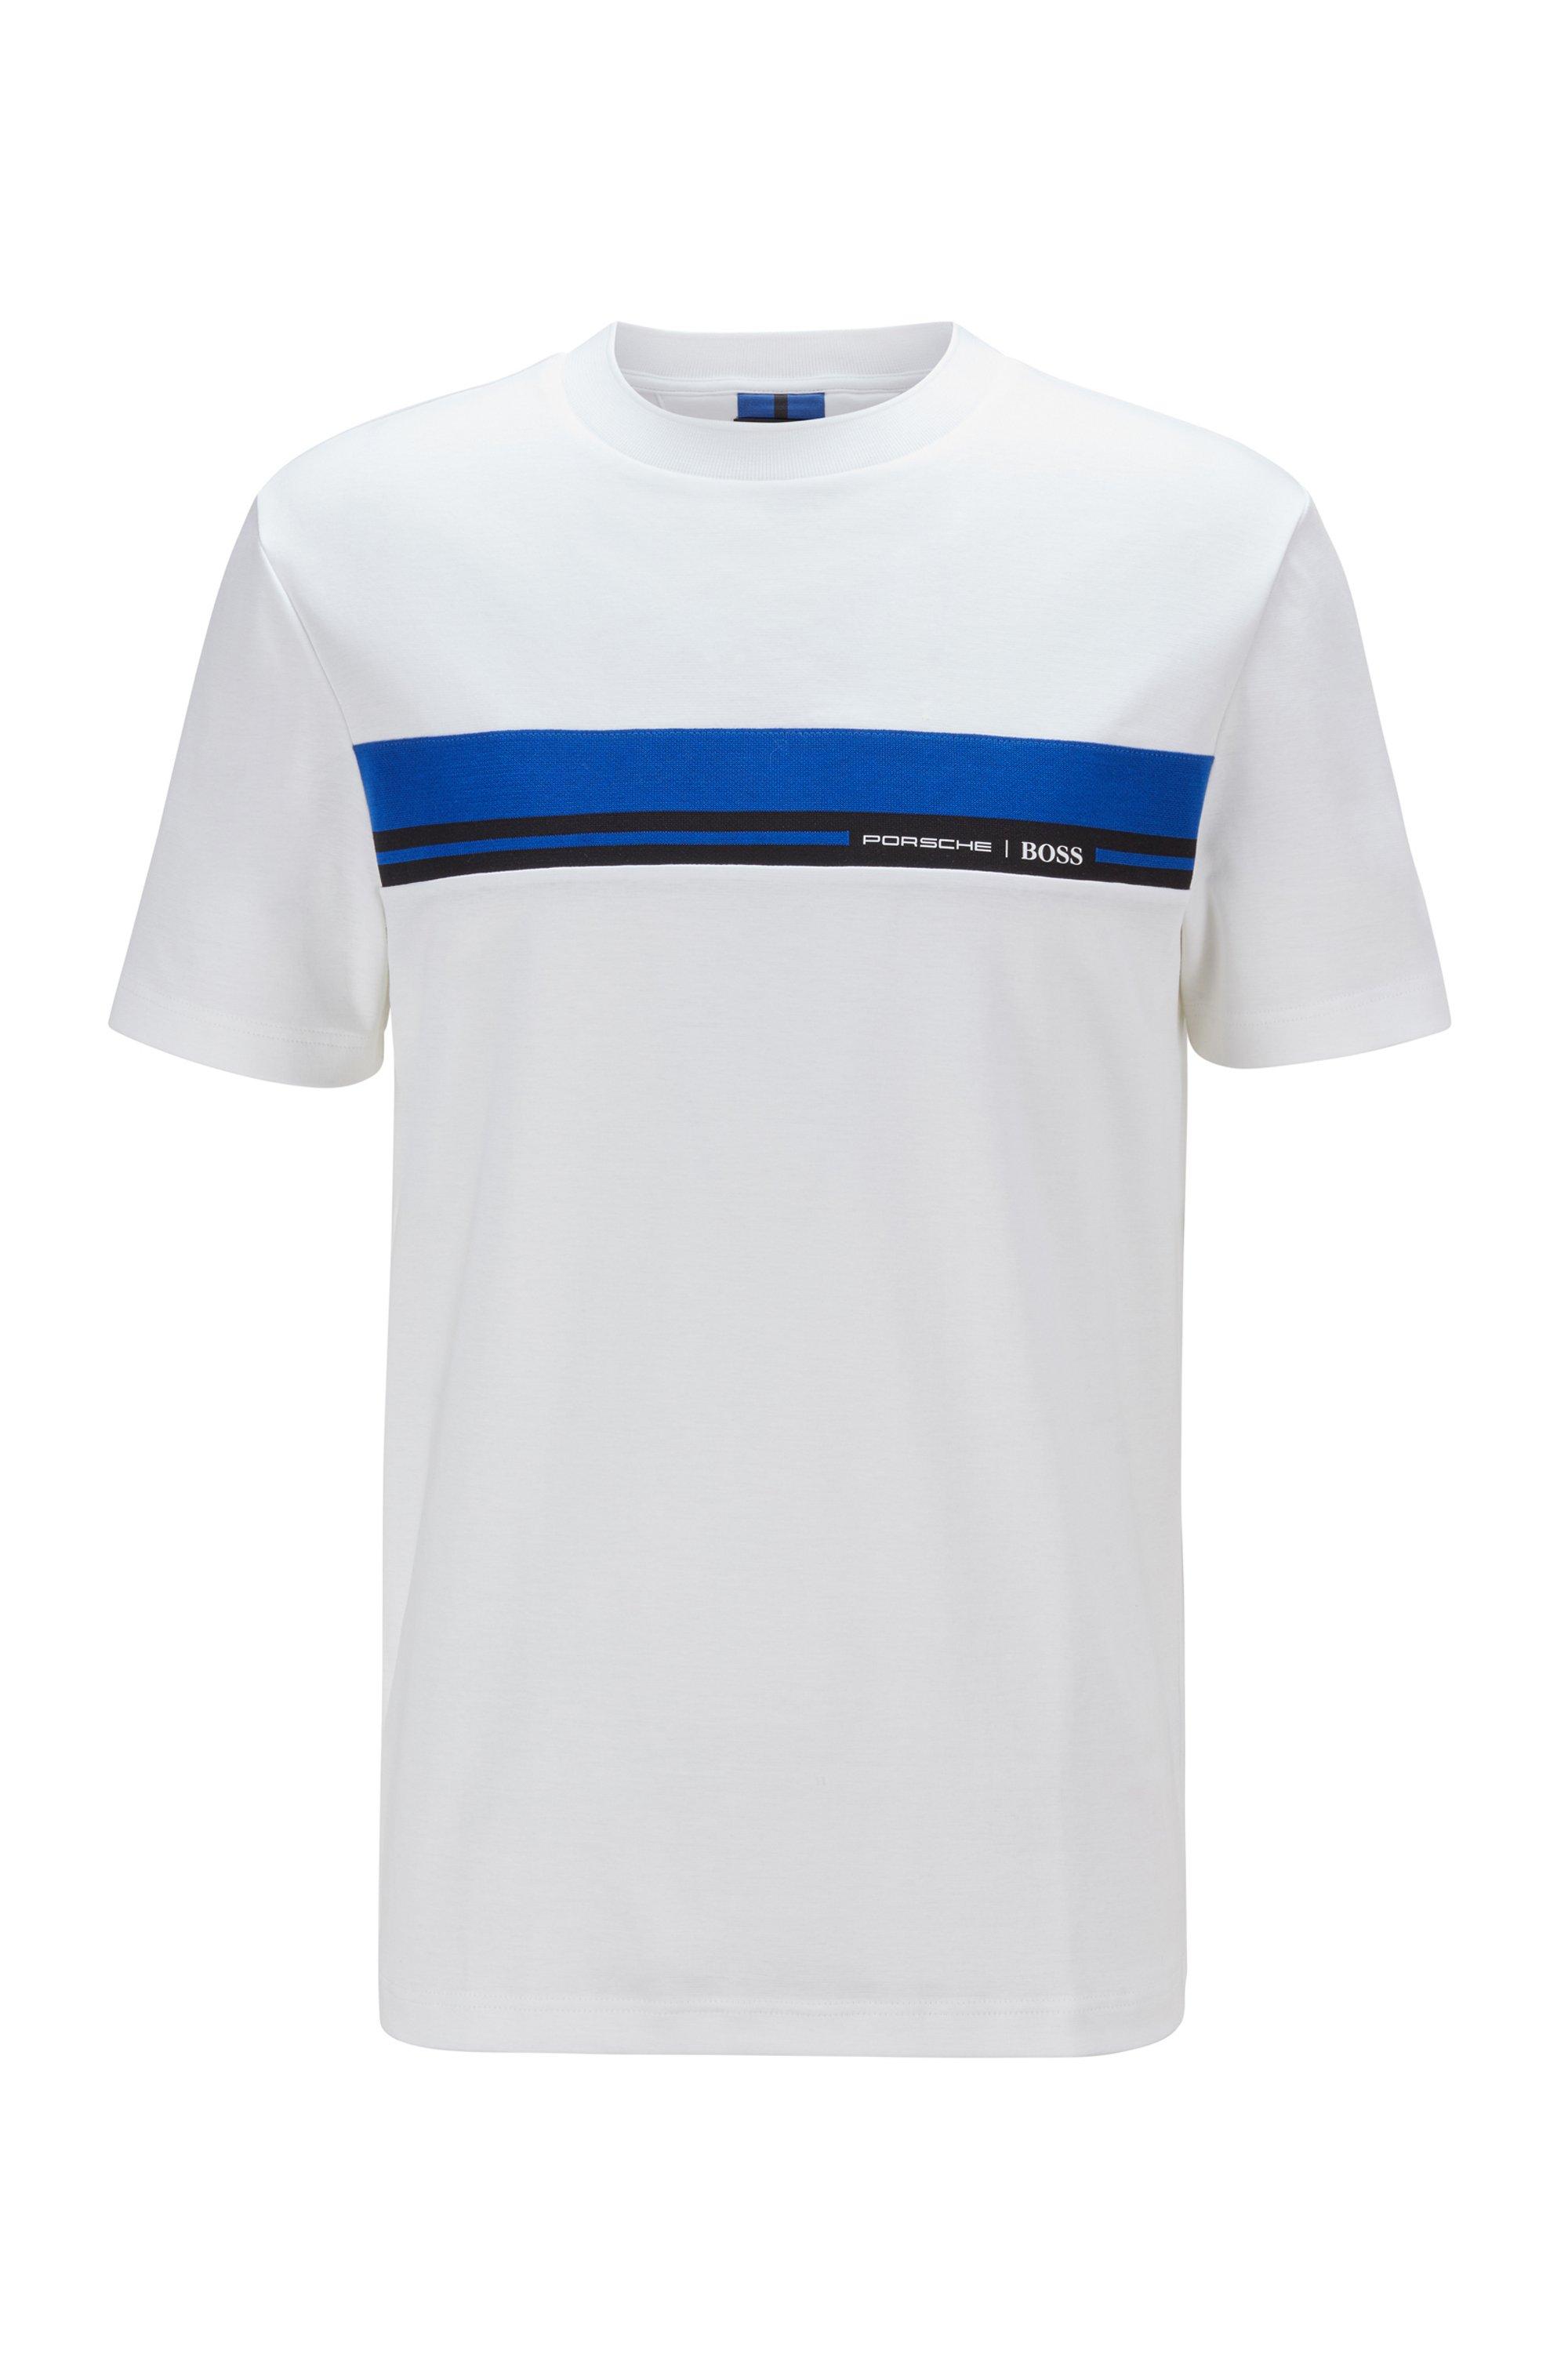 T-Shirt aus Baumwolle mit Rundhalsausschnitt und Print der Kollektion, Weiß